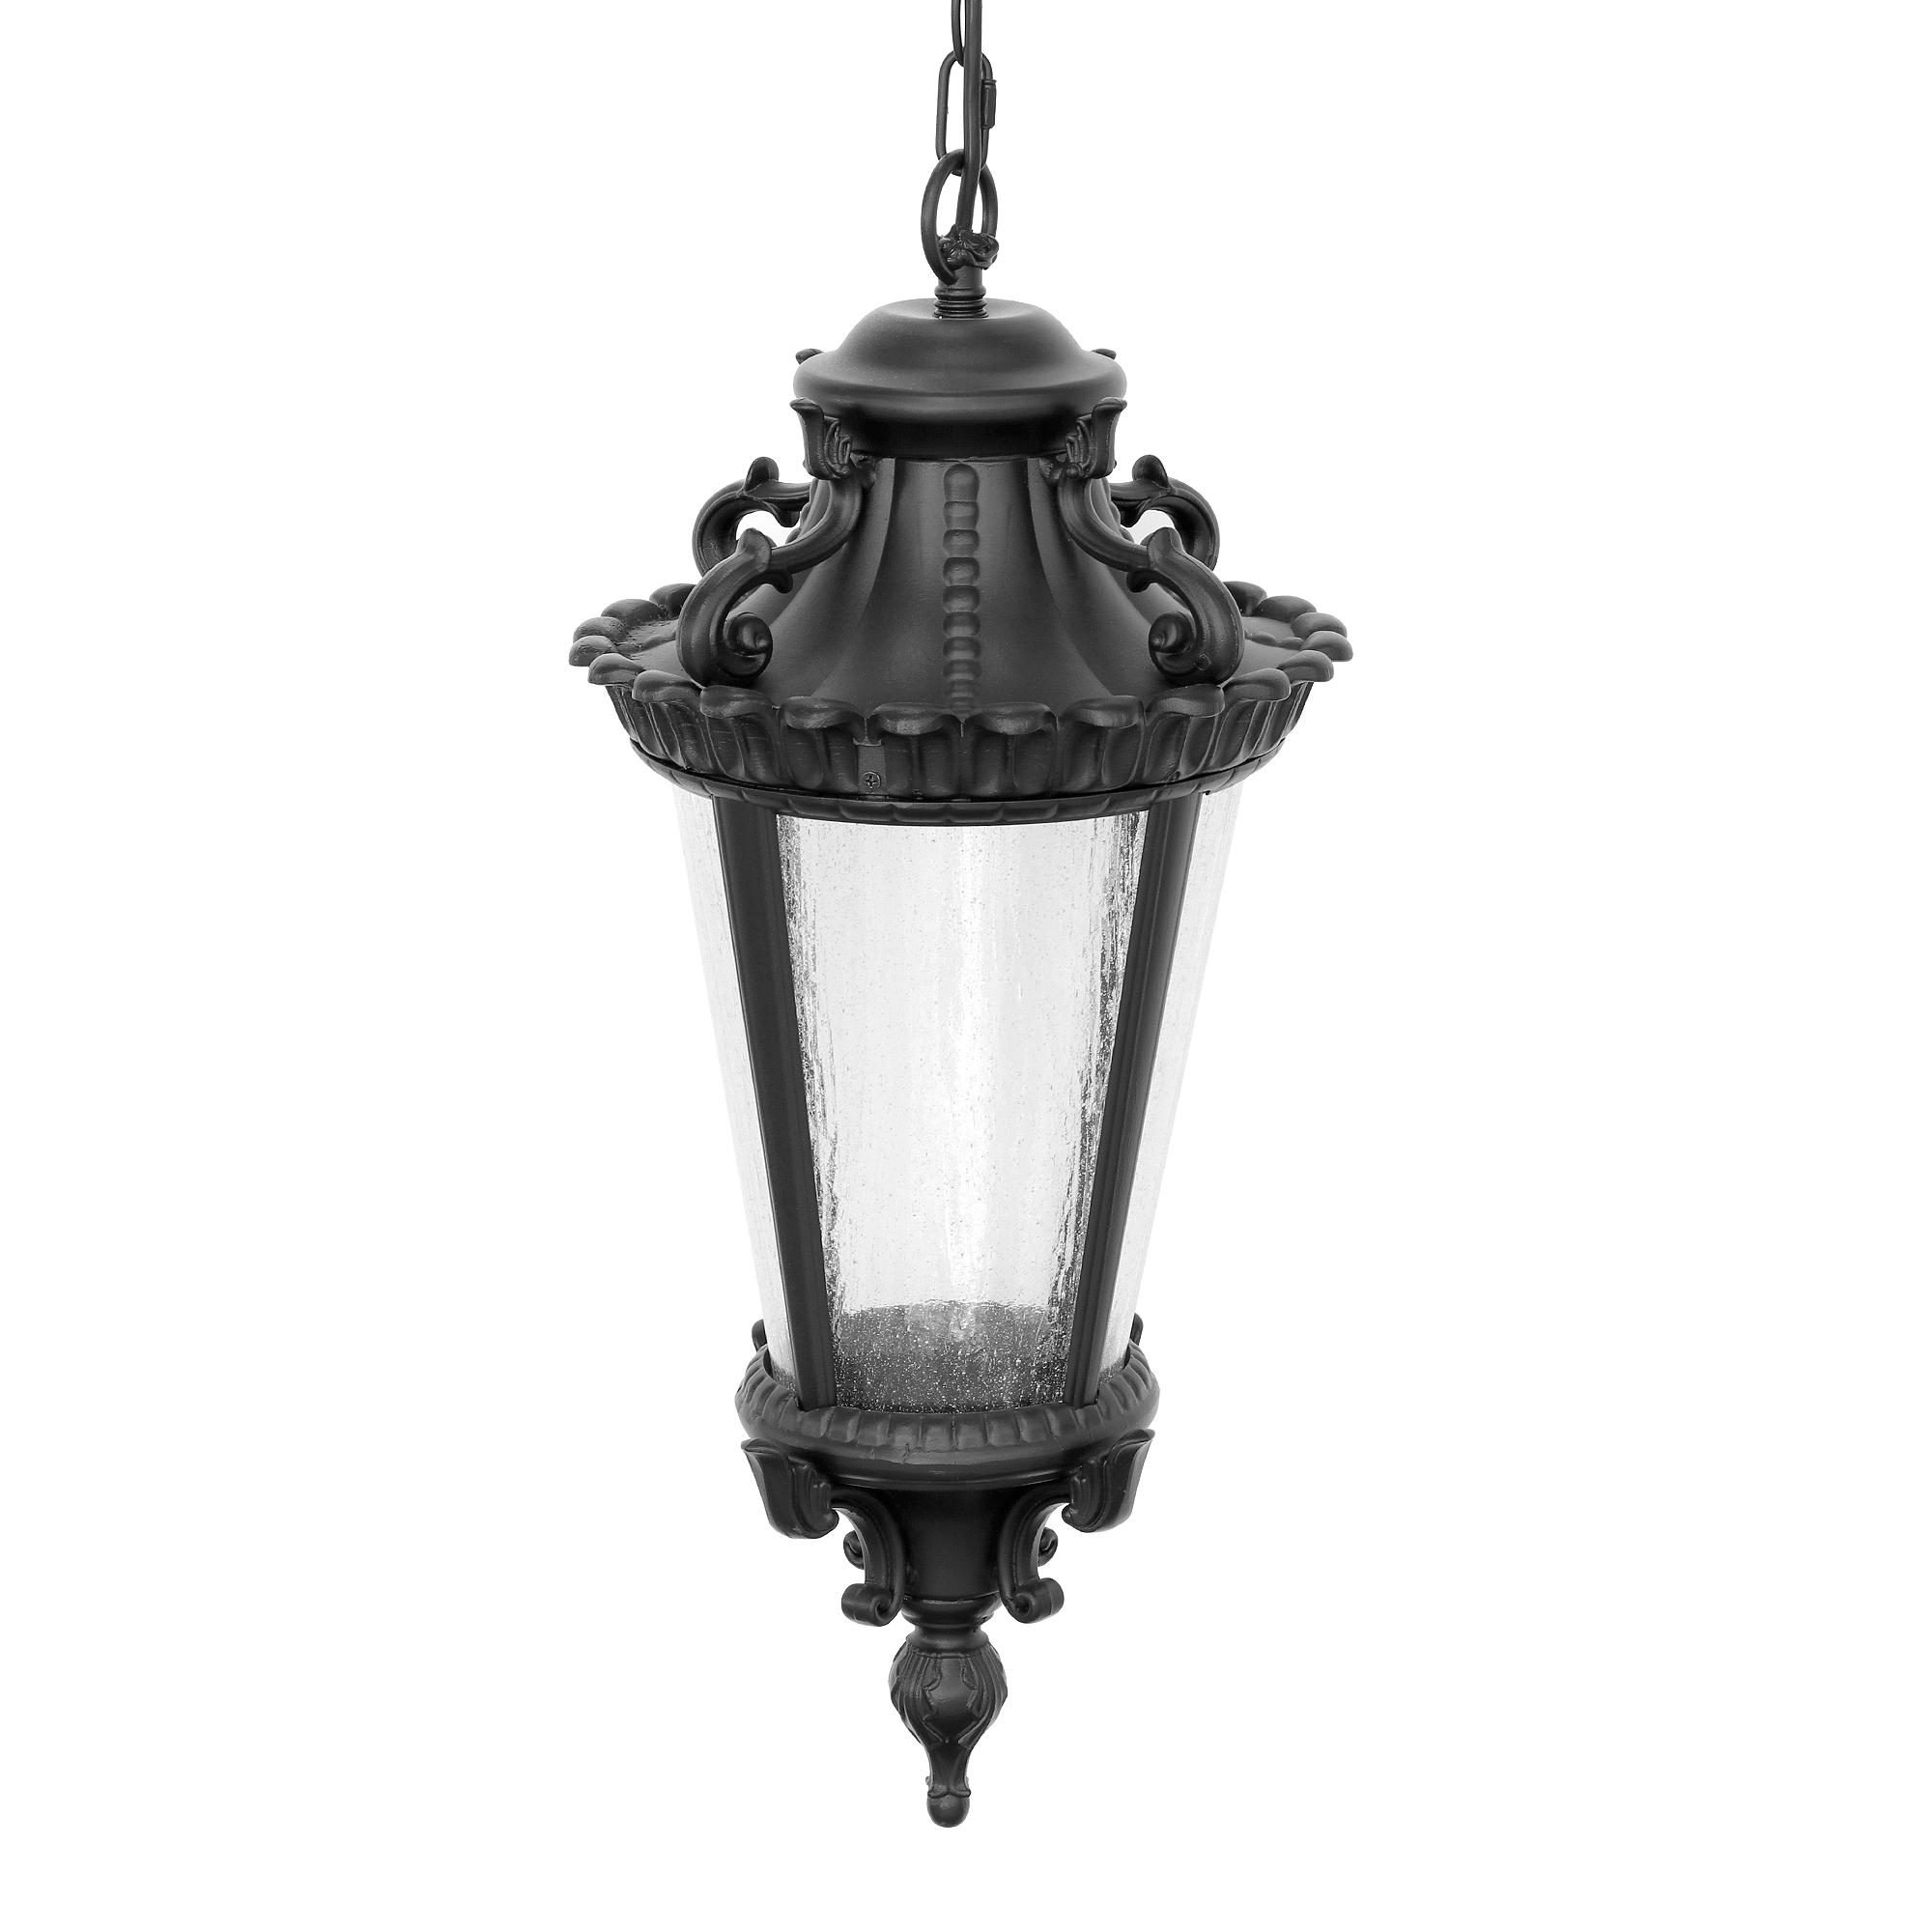 Светильник подвесной Wentai dh-3232m-b e27 подвесной светильник astral agnes 12 ламп